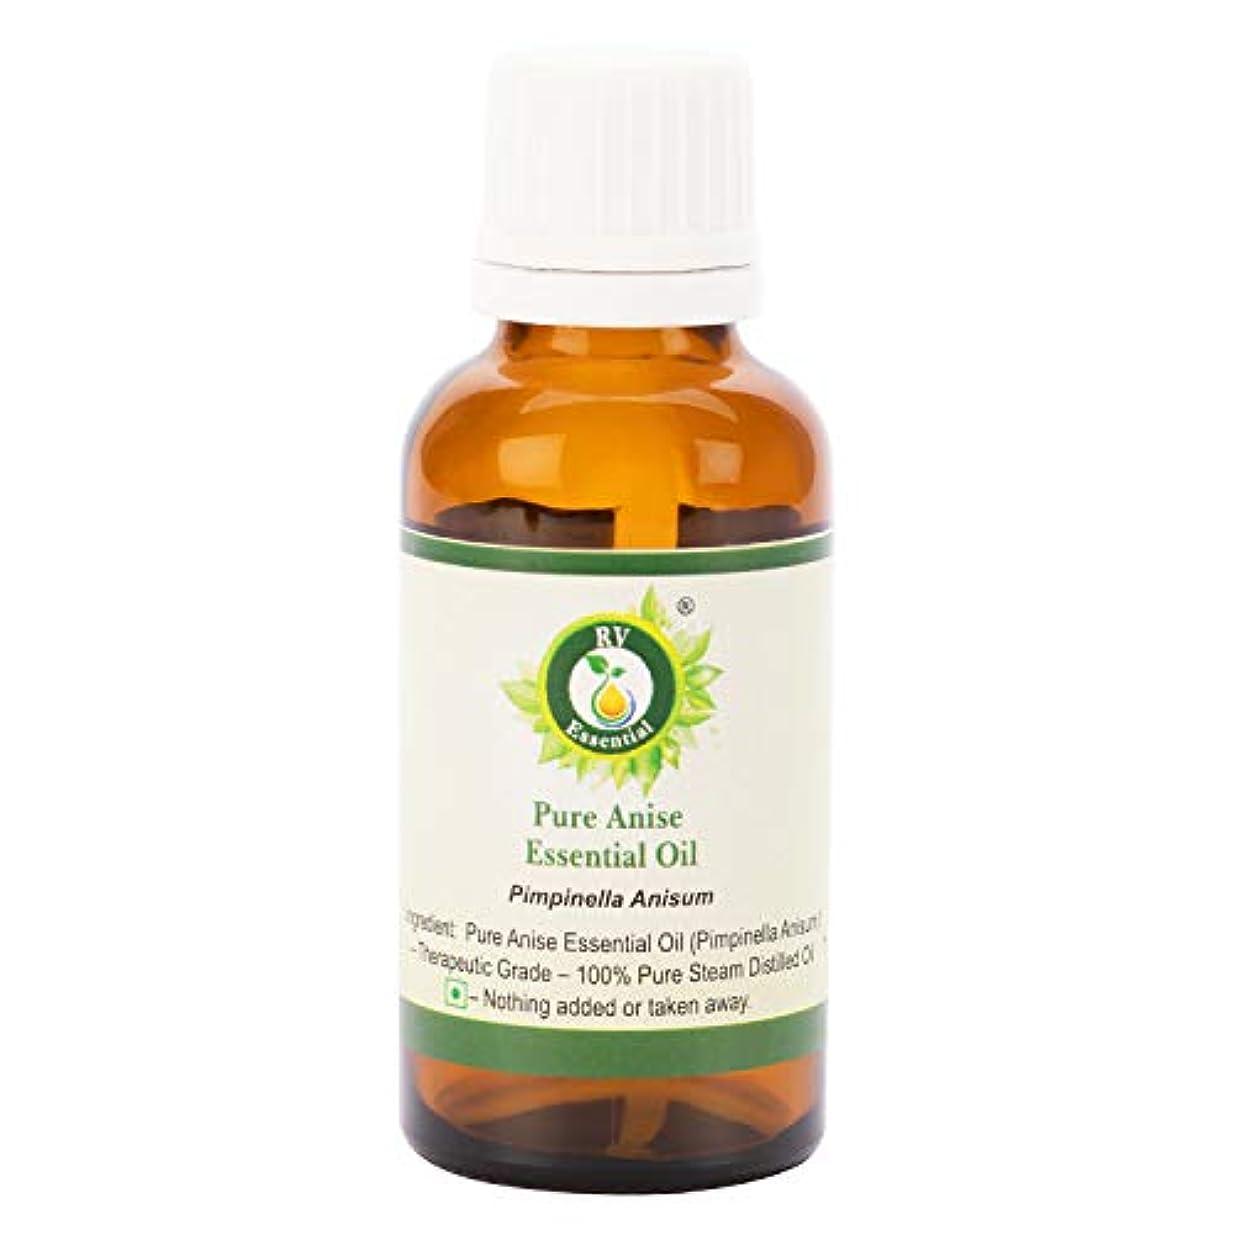 サロン恨み想像力豊かなピュアアニスエッセンシャルオイル300ml (10oz)- Pimpinella Anisum (100%純粋&天然スチームDistilled) Pure Anise Essential Oil